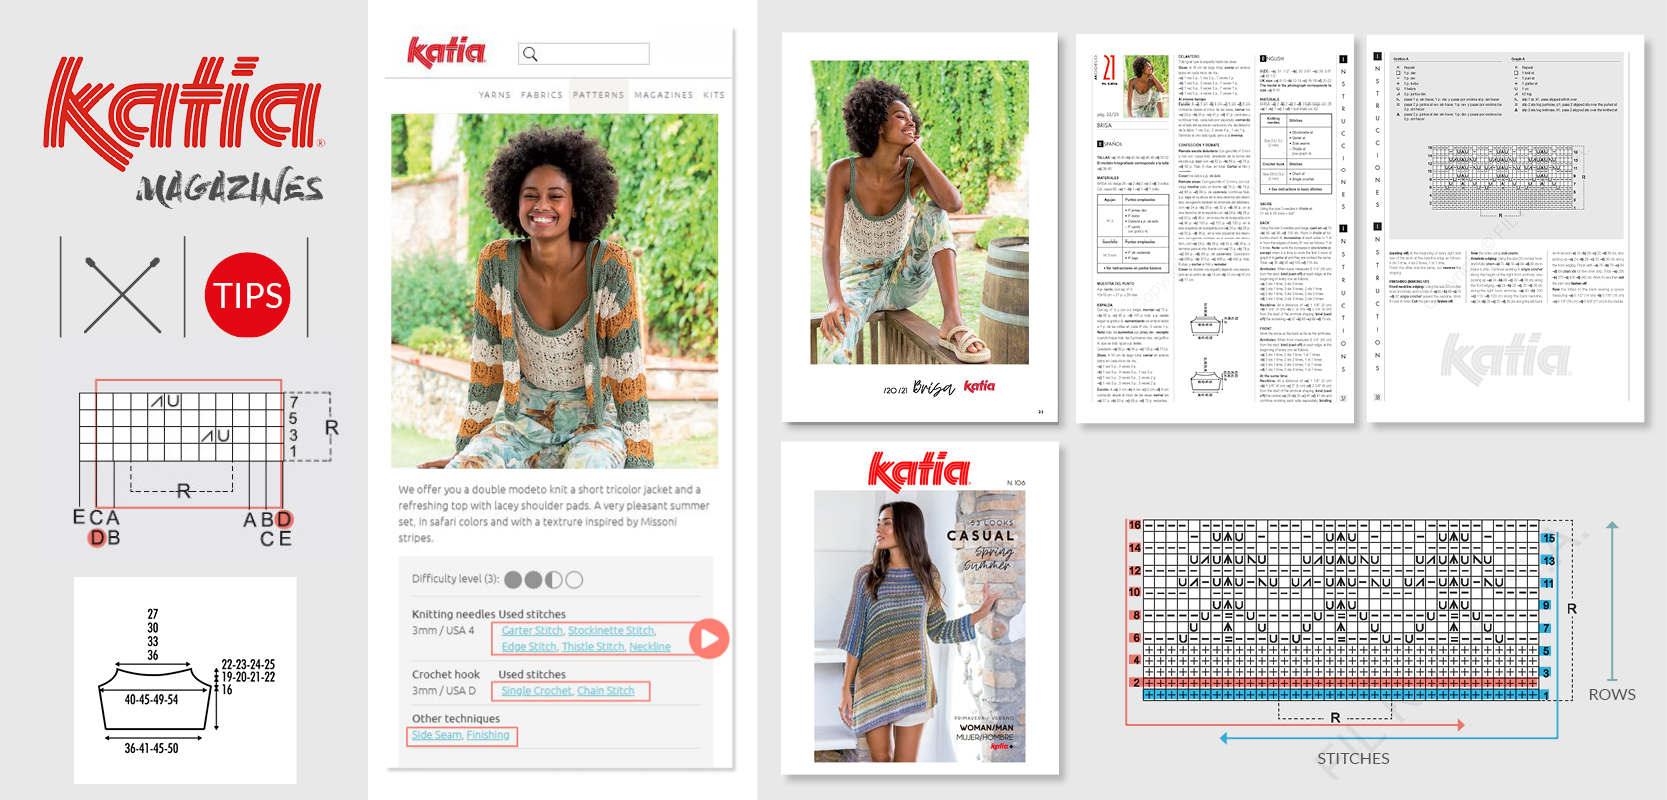 tips to easily follow Katia magazine patterns